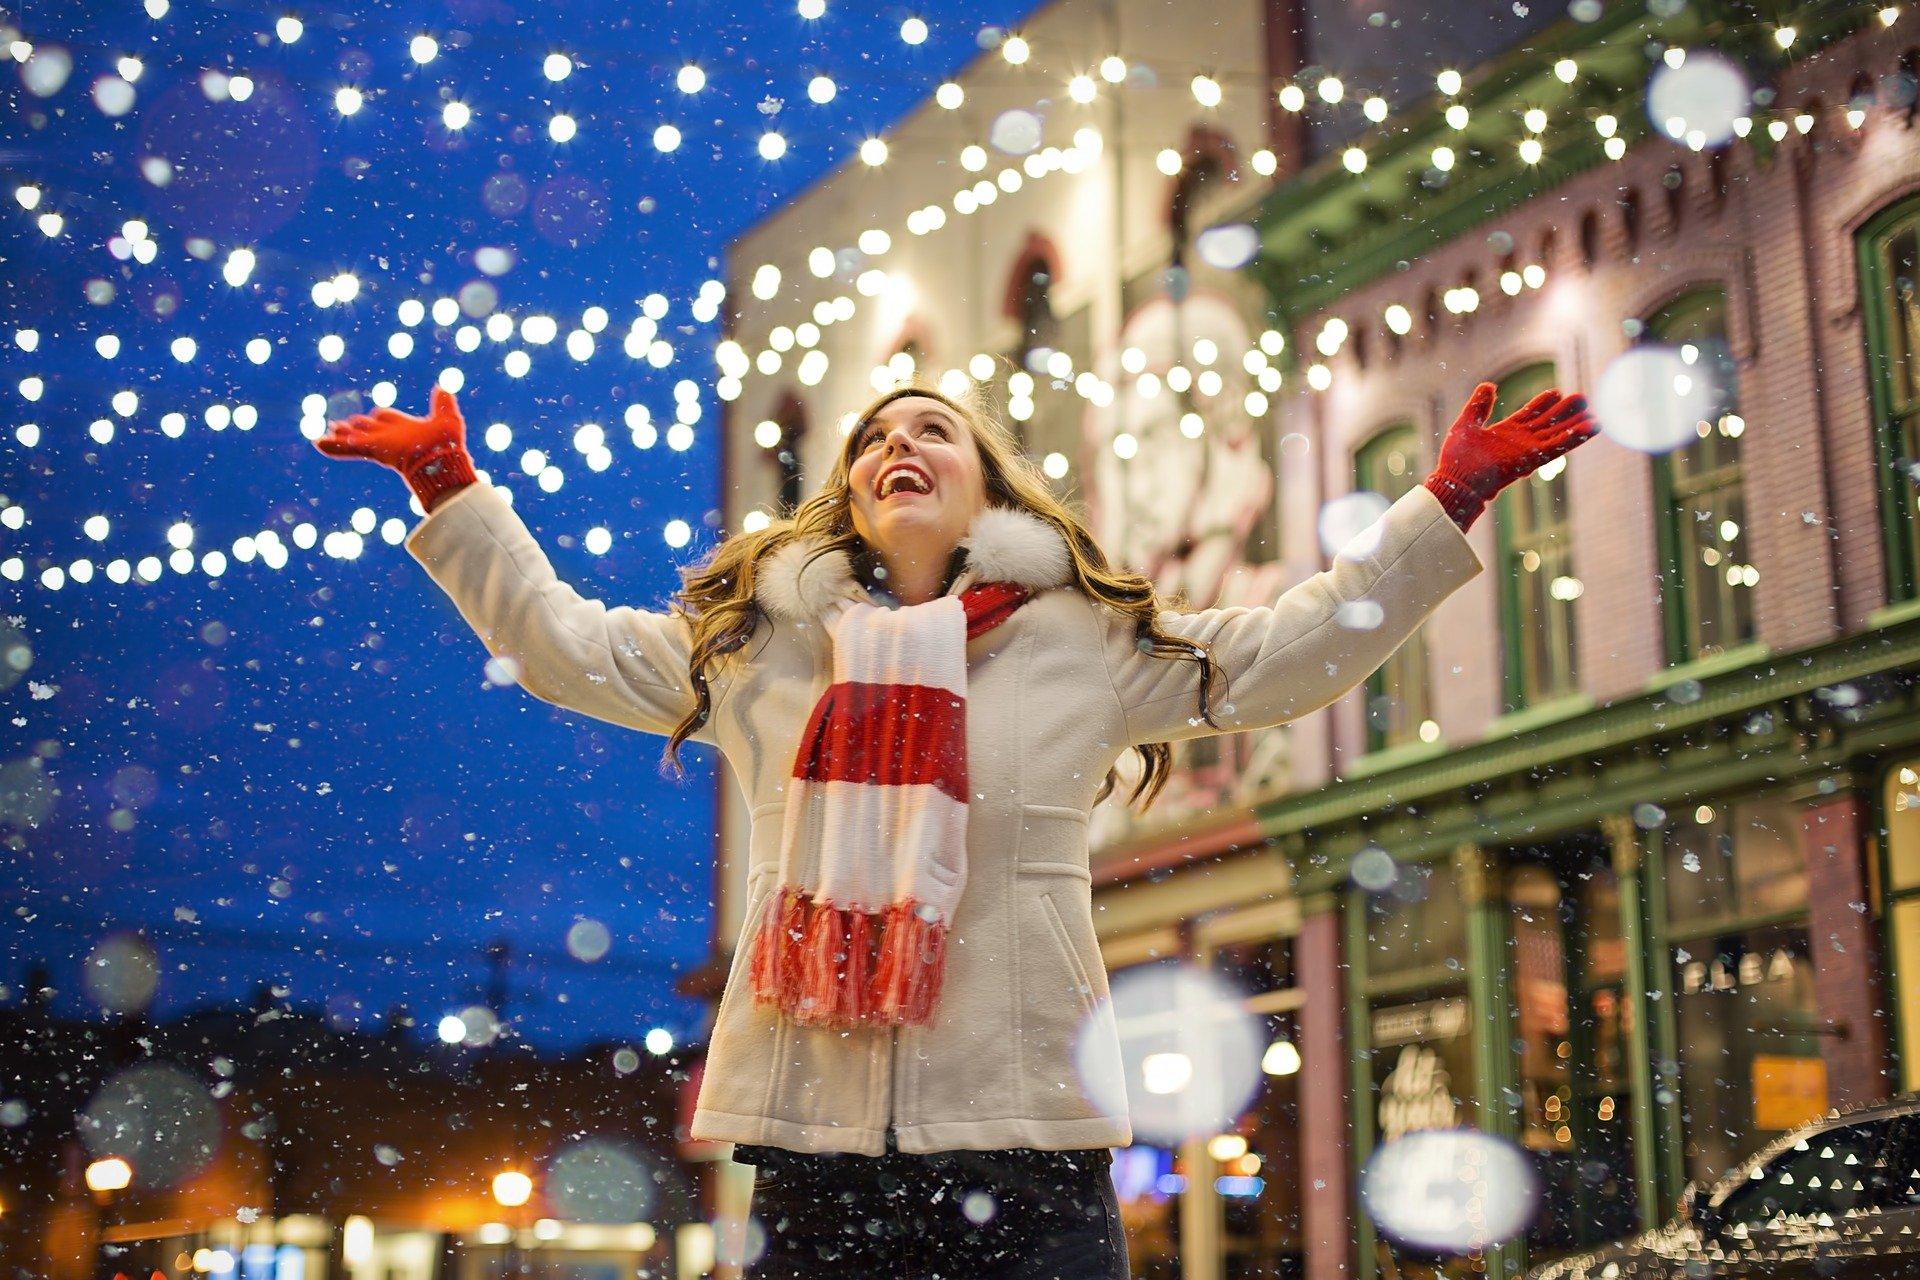 Woman staring at Christmas lights